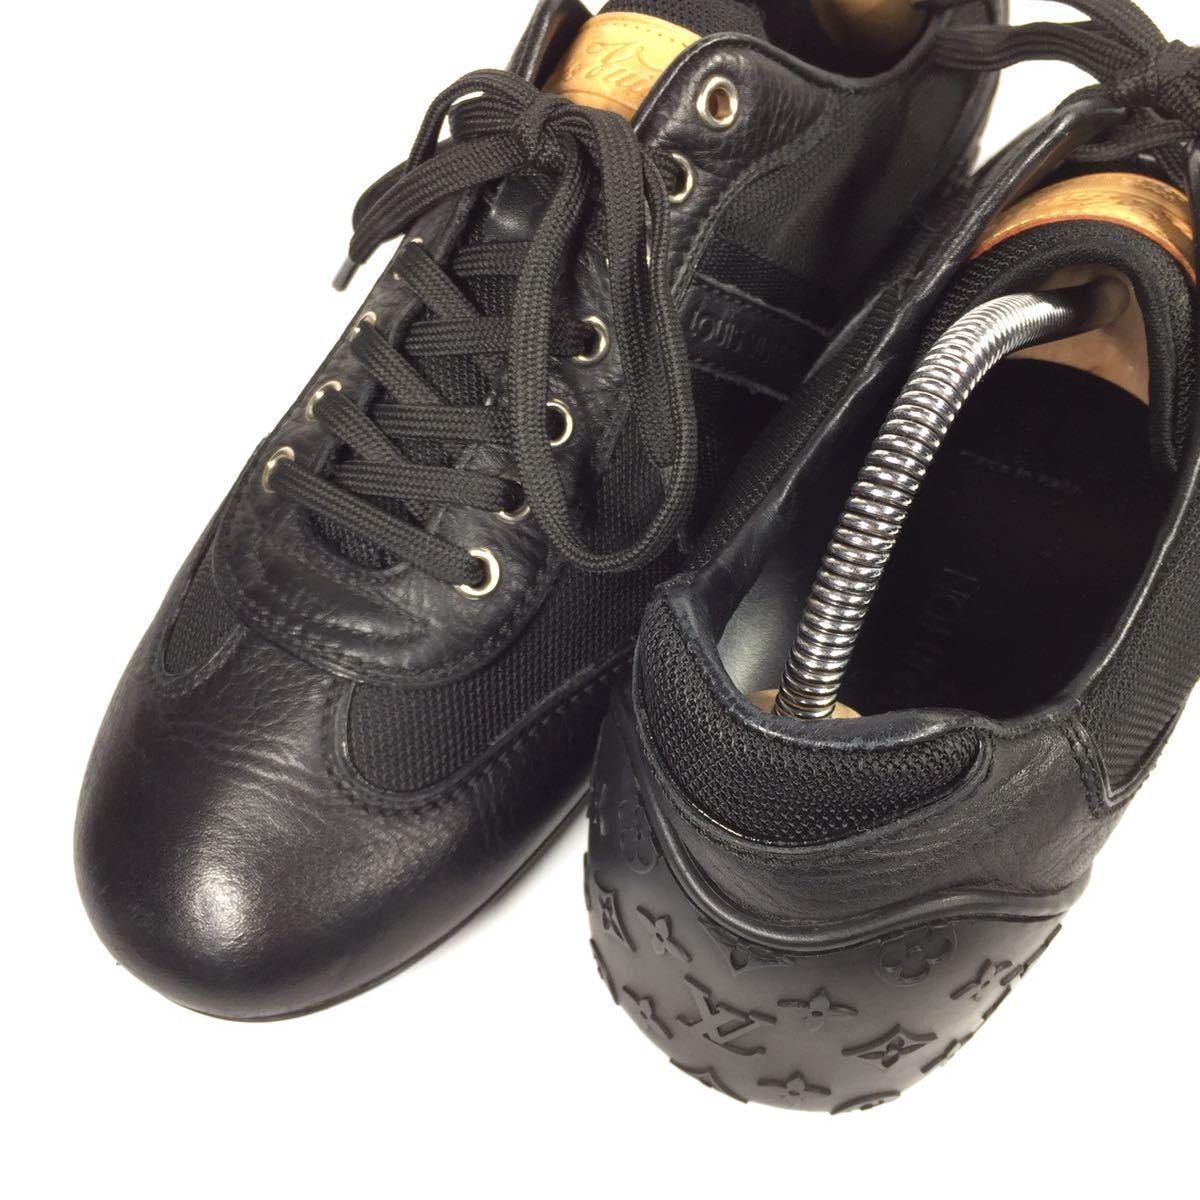 【ルイヴィトン】本物 LOUIS VUITTON 靴 26cm 黒 モノグラム スニーカー カジュアルシューズ 本革×化学繊維 レザー メンズ イタリア製 7_画像8